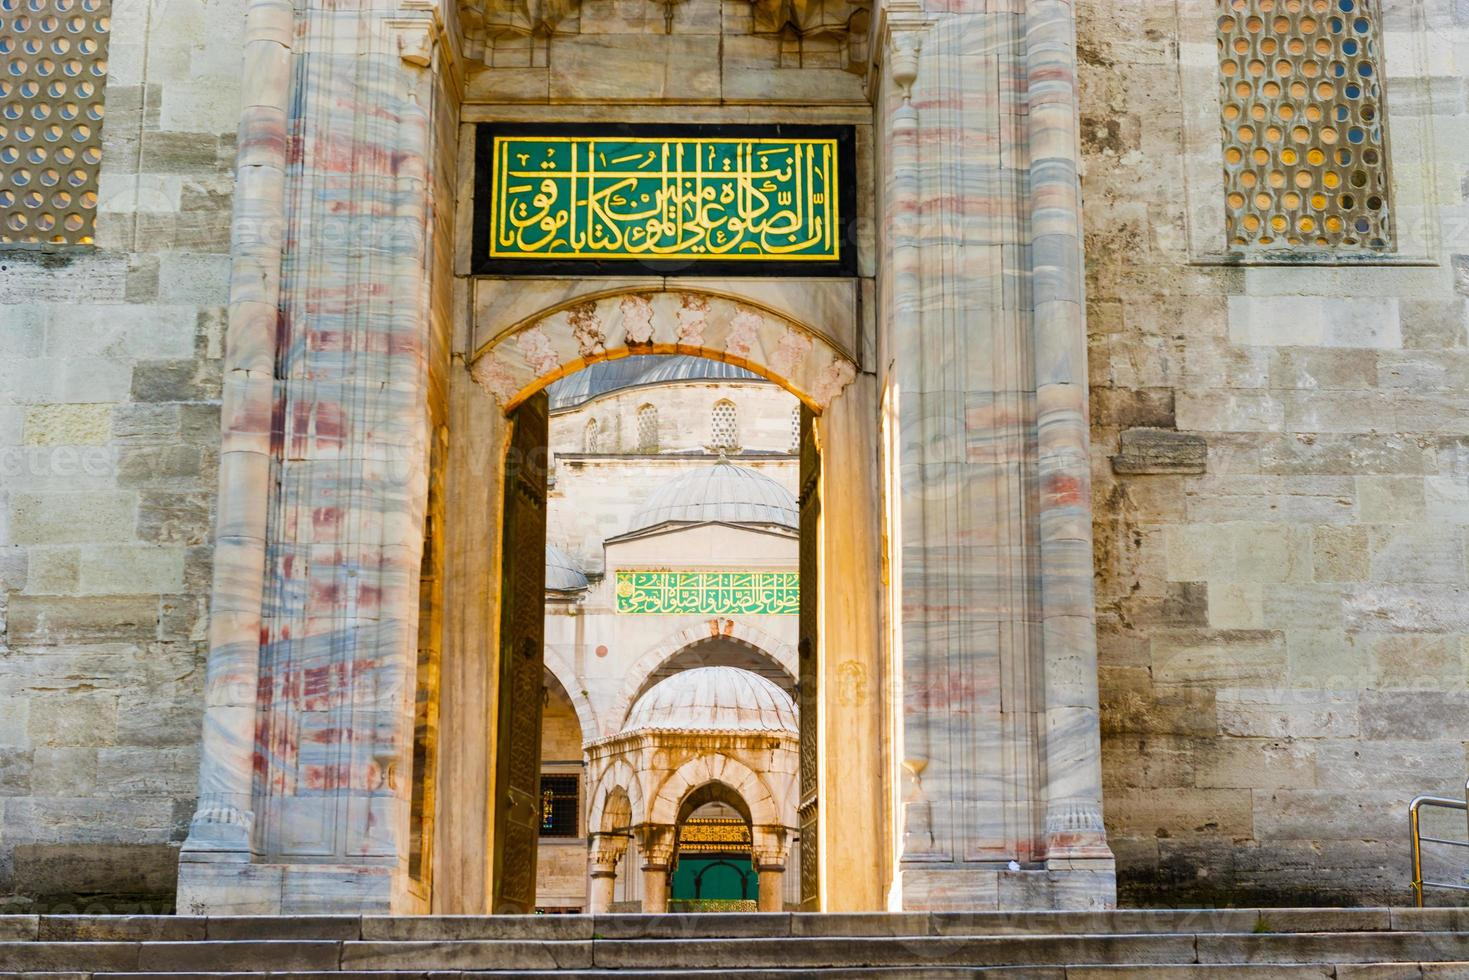 sultan ahmed-moskén är historisk moské i istanbul, Turkiet foto